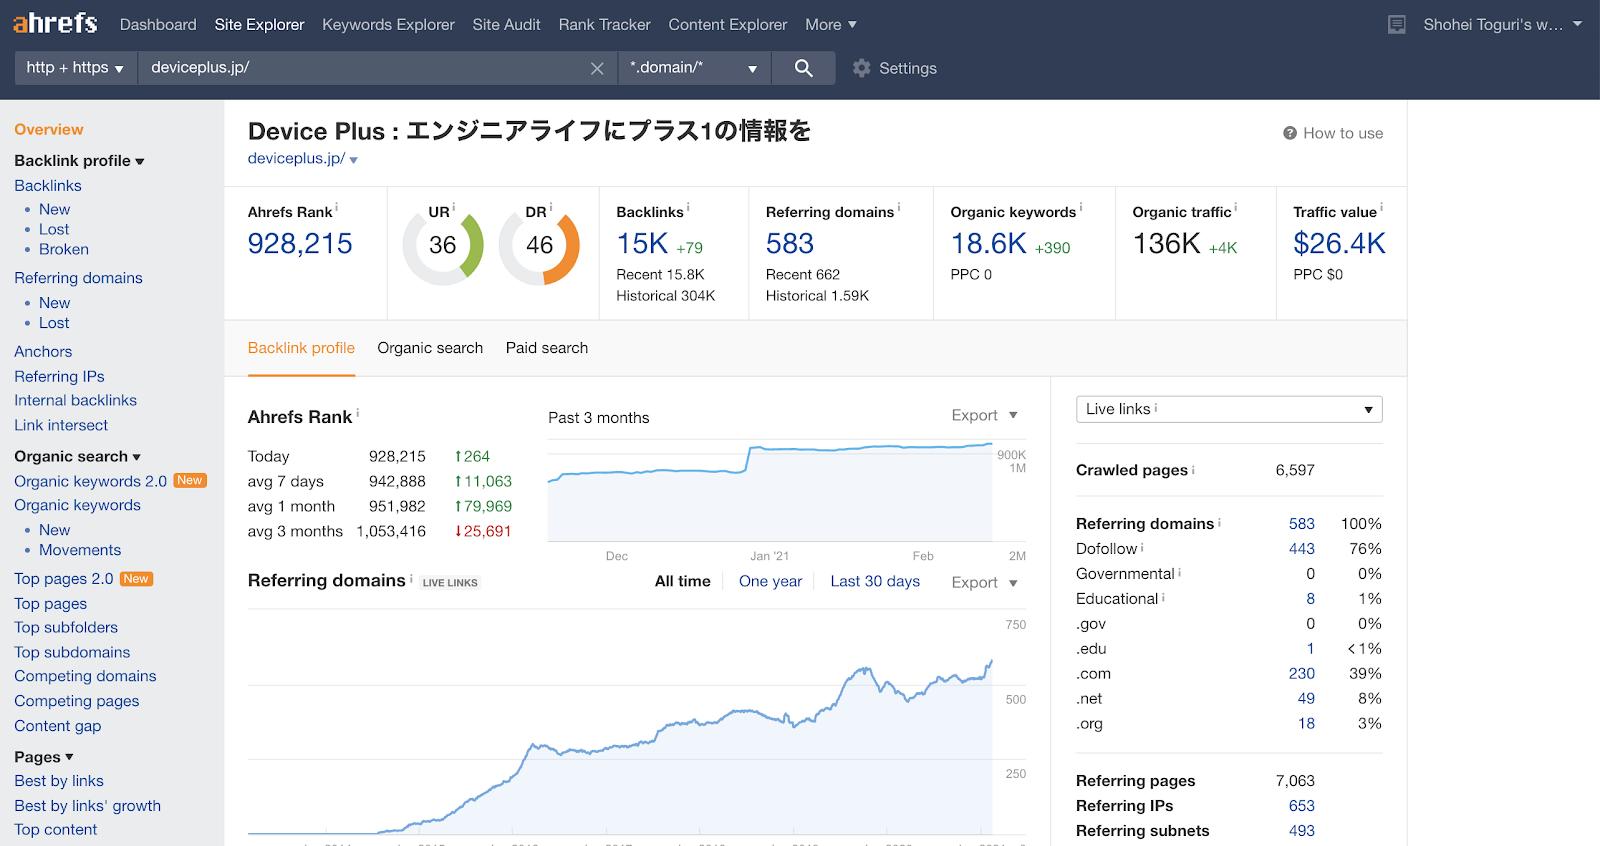 有料ツールで分析した「DEVICE PLUS」のデータ